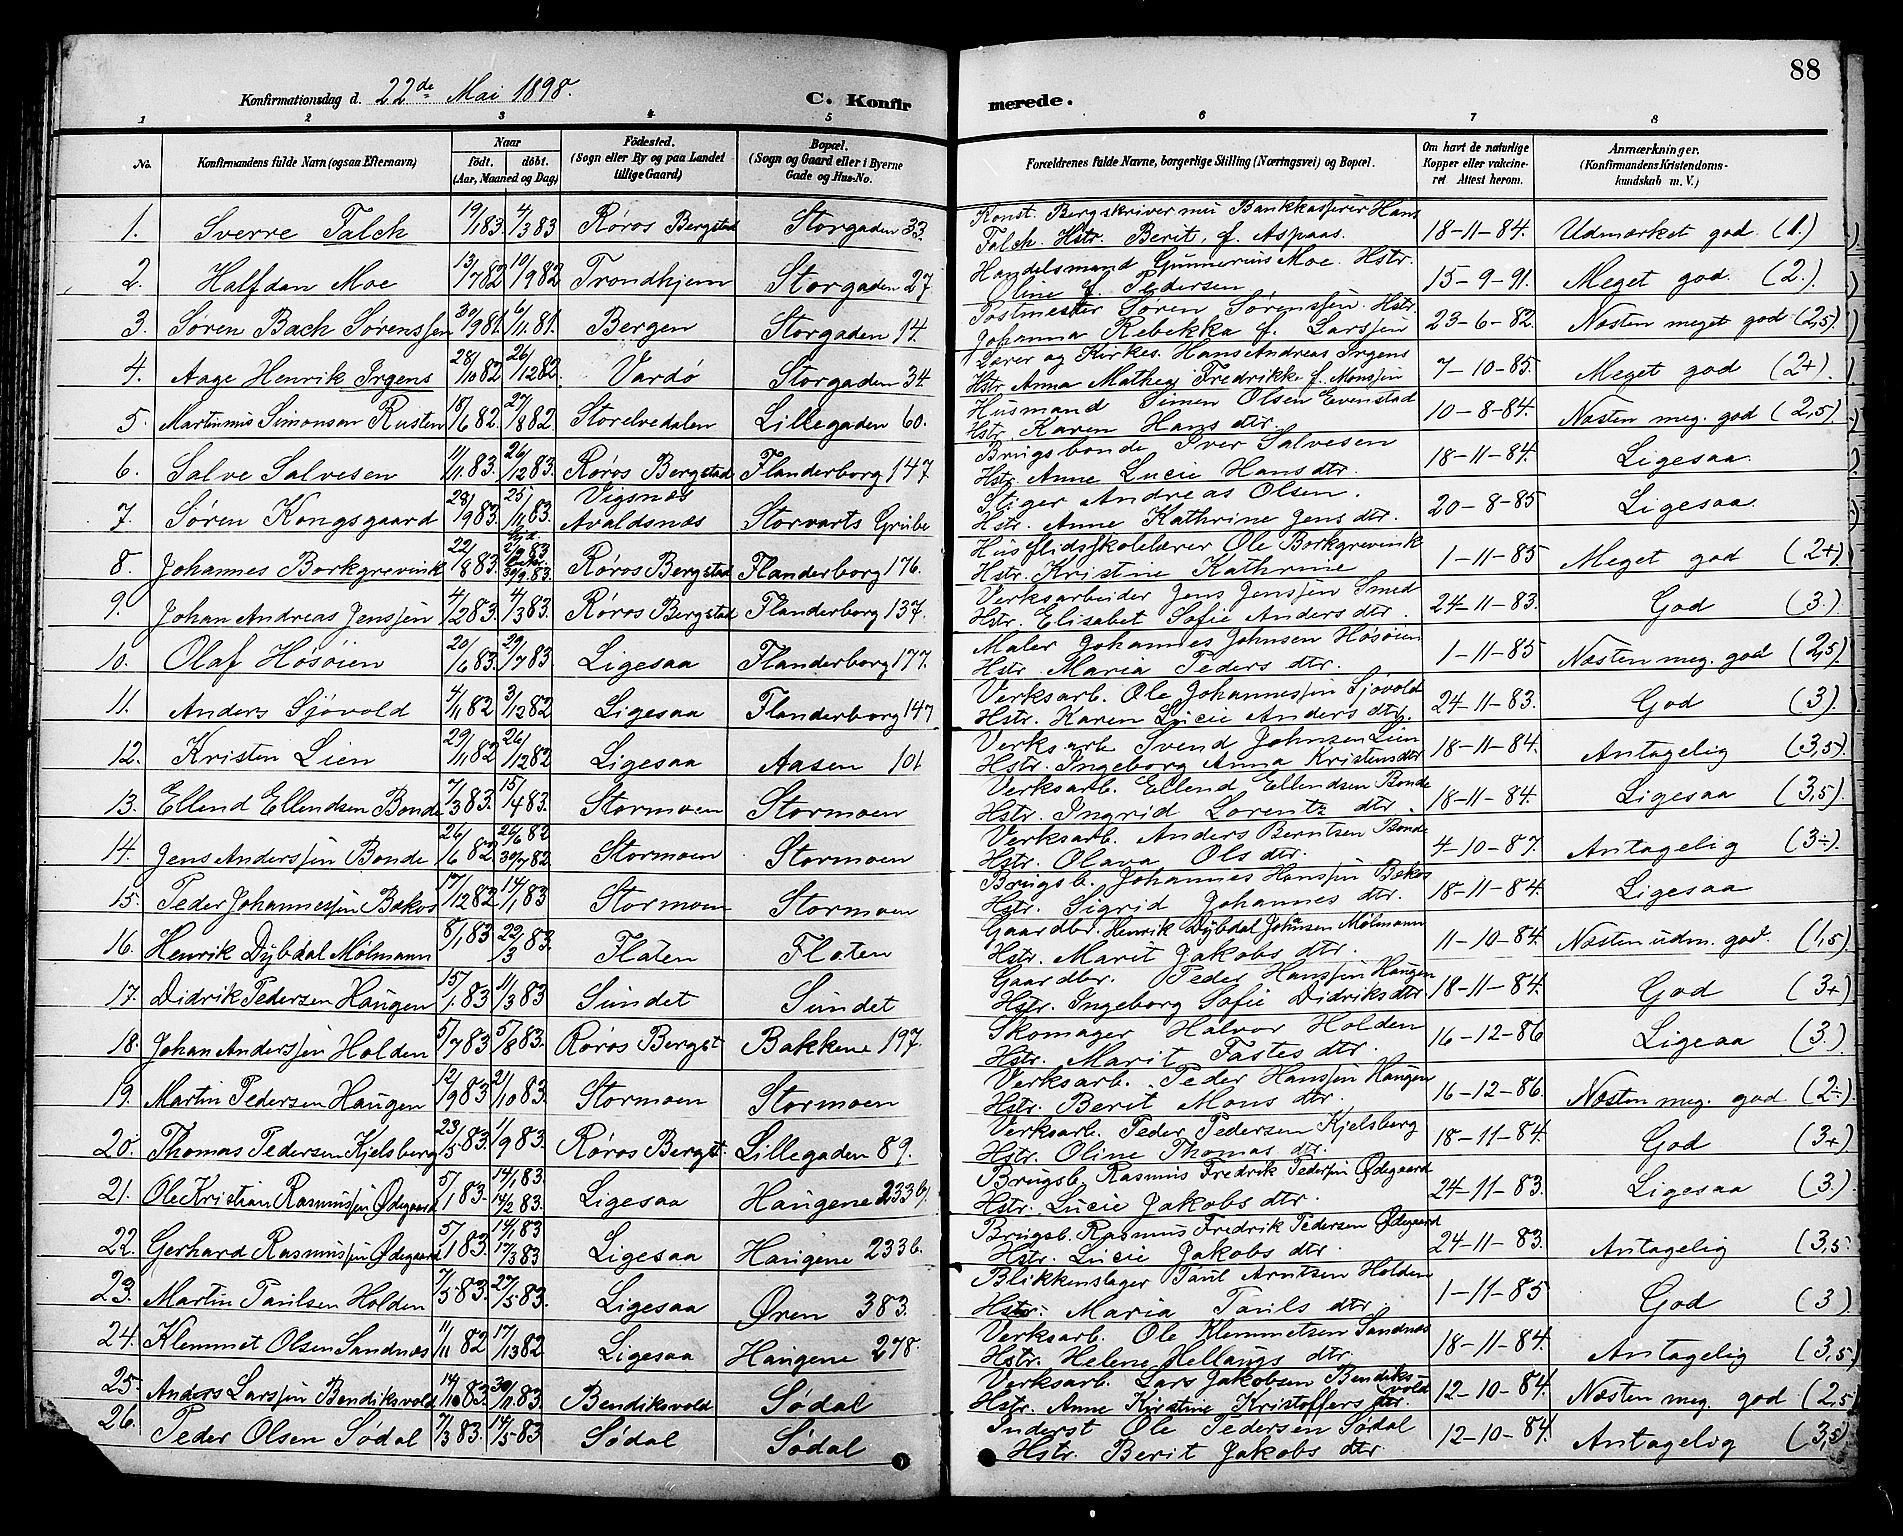 SAT, Ministerialprotokoller, klokkerbøker og fødselsregistre - Sør-Trøndelag, 681/L0941: Klokkerbok nr. 681C05, 1896-1905, s. 88